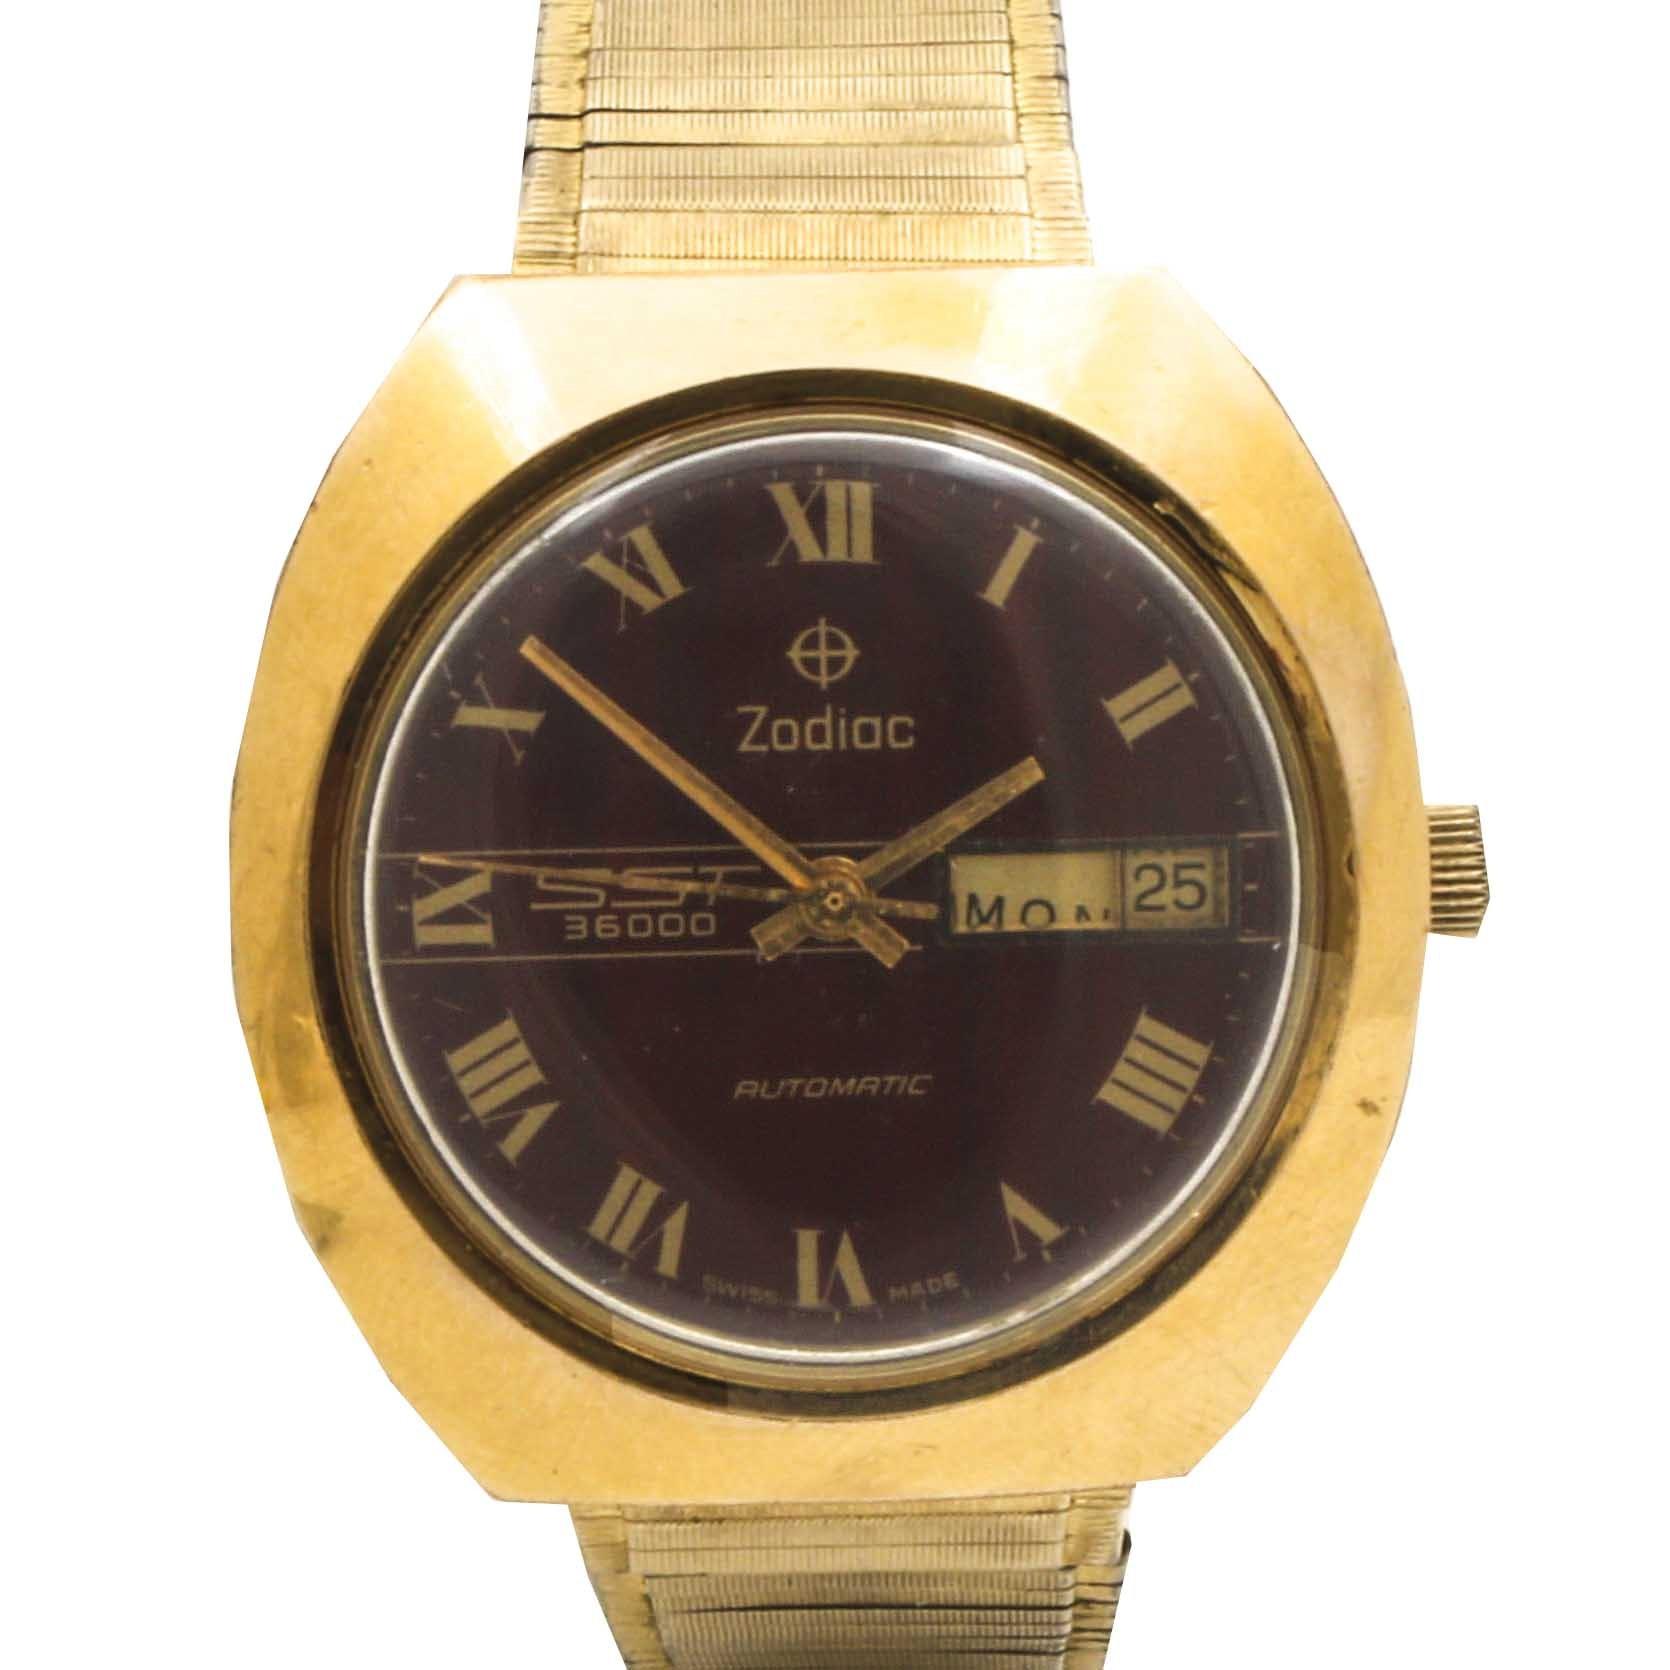 Zodiac SST 36000 Automatic Wristwatch